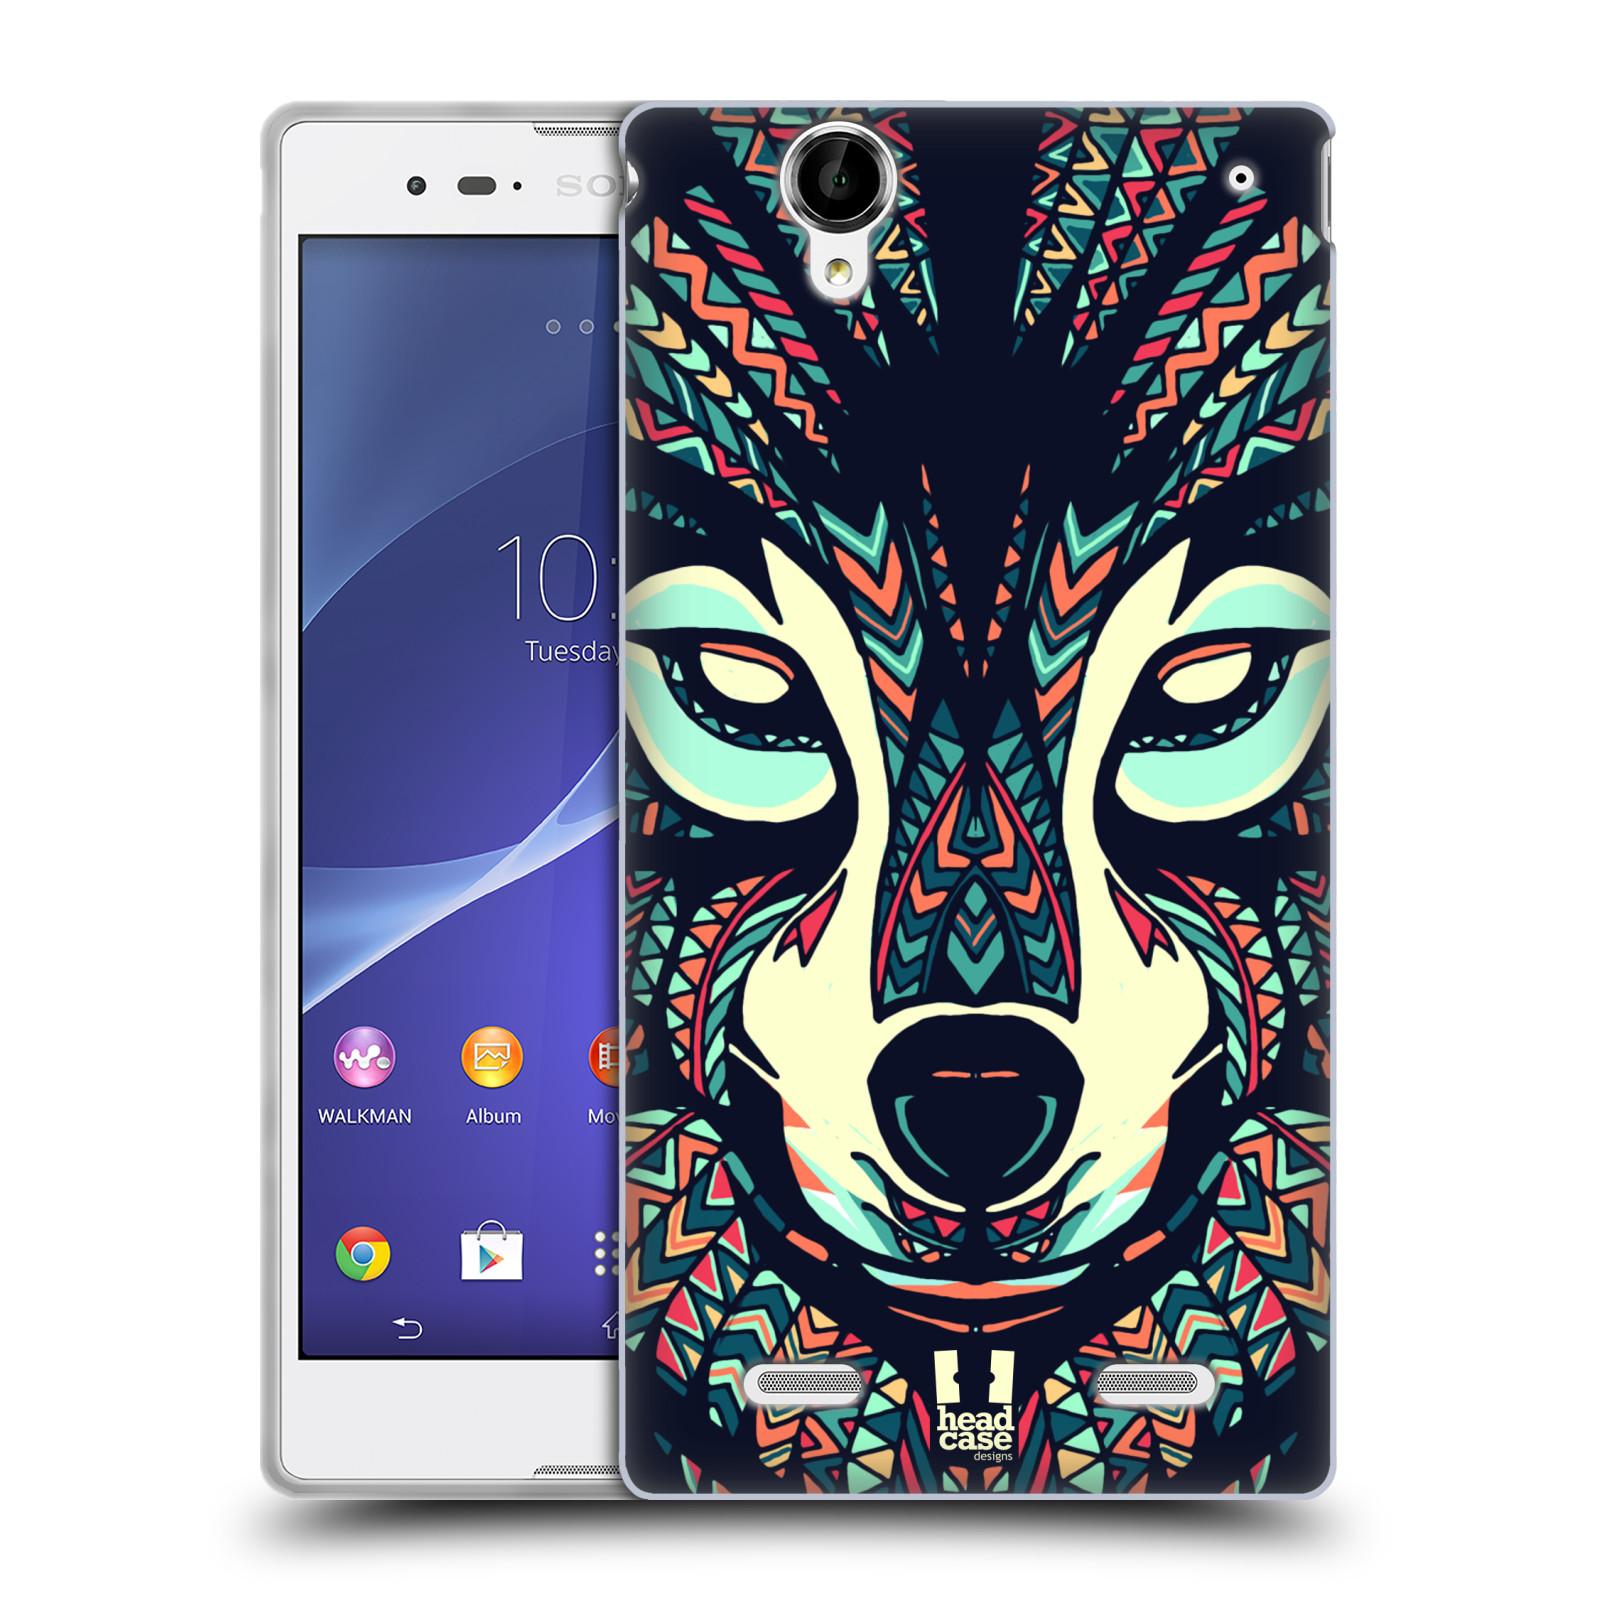 HEAD CASE silikonový obal na mobil Sony Xperia T2 Ultra/T2 Ultra DUAL SIM vzor Aztécký motiv zvíře 3 vlk